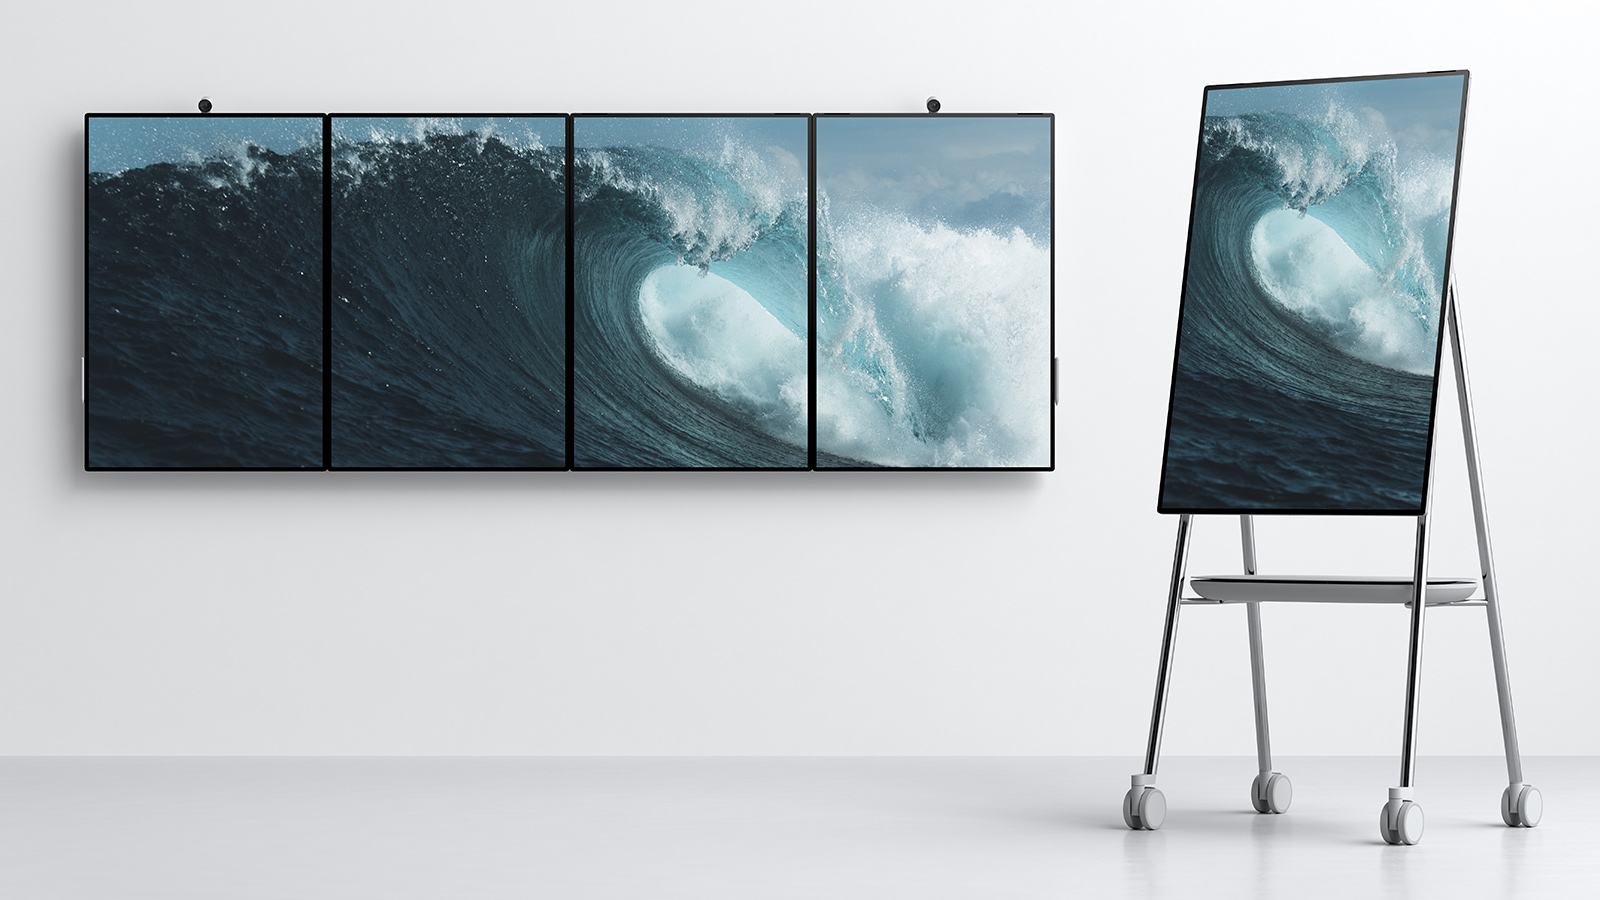 Neljä Surface Hub 2 -laitetta päällekkäin seinällä ja yksi Surface Hub 2 pystyasentoon käännettynä Steelcasen suunnittelemassa telineessä